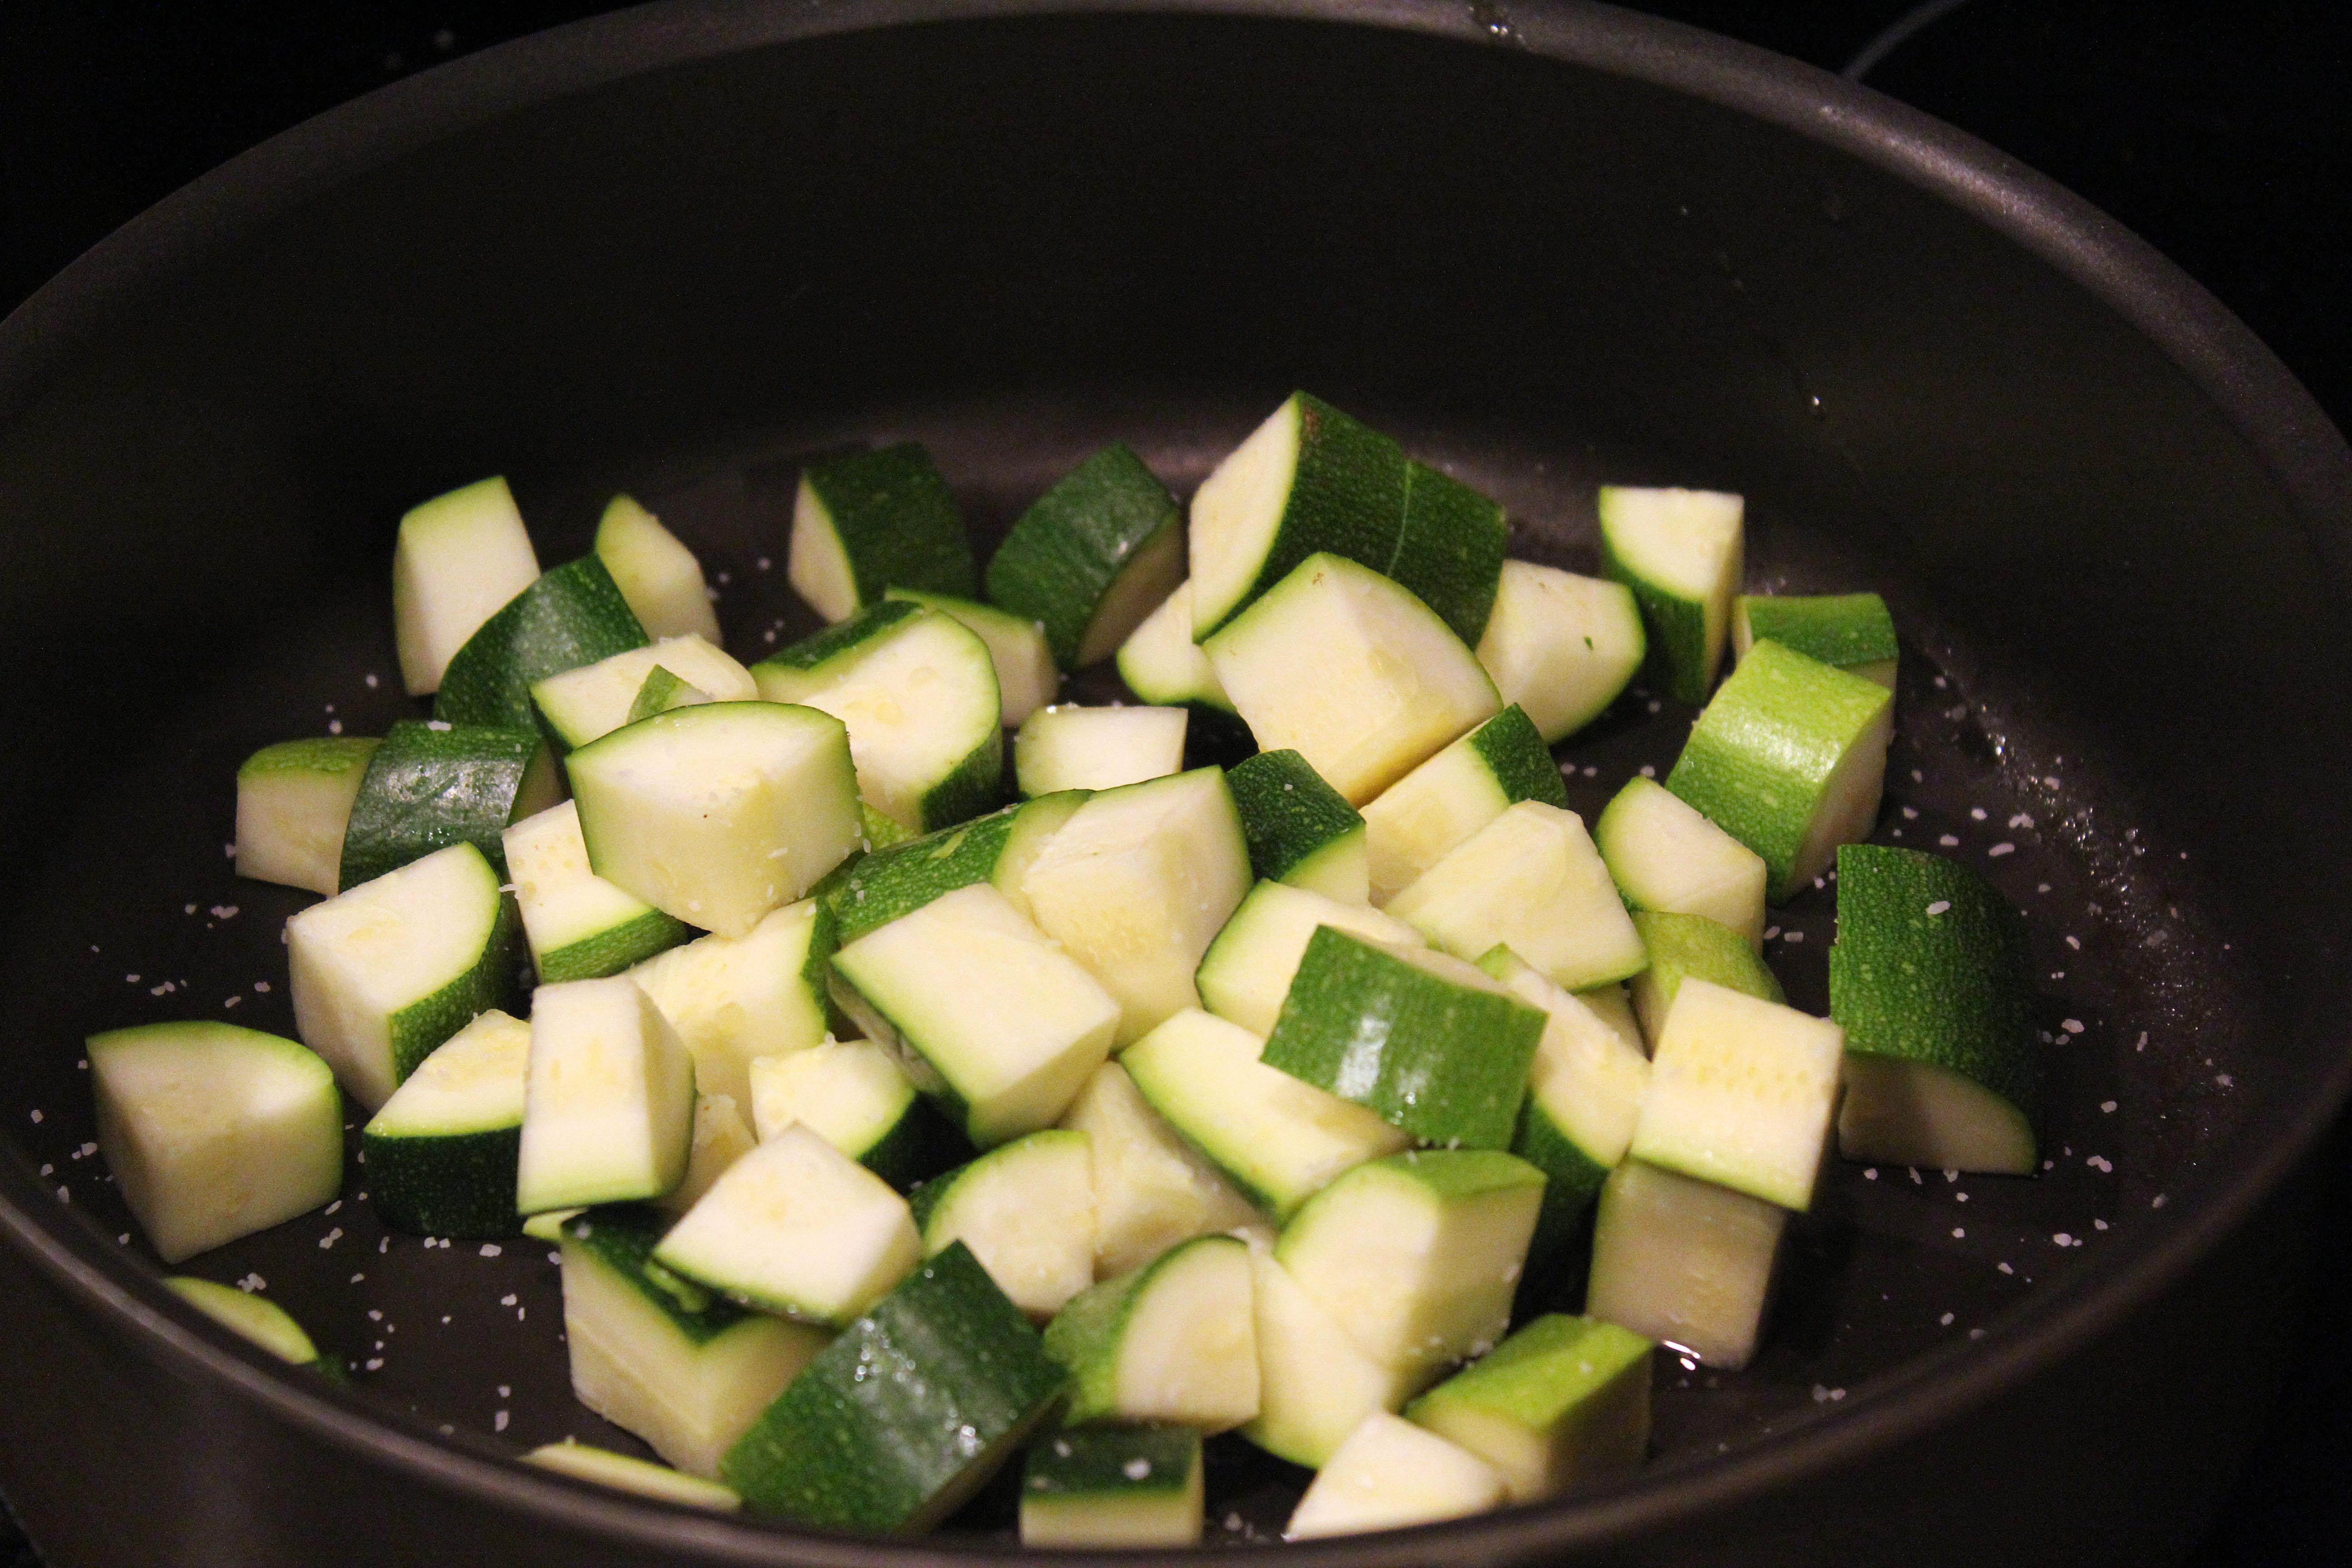 Start zucchini with salt